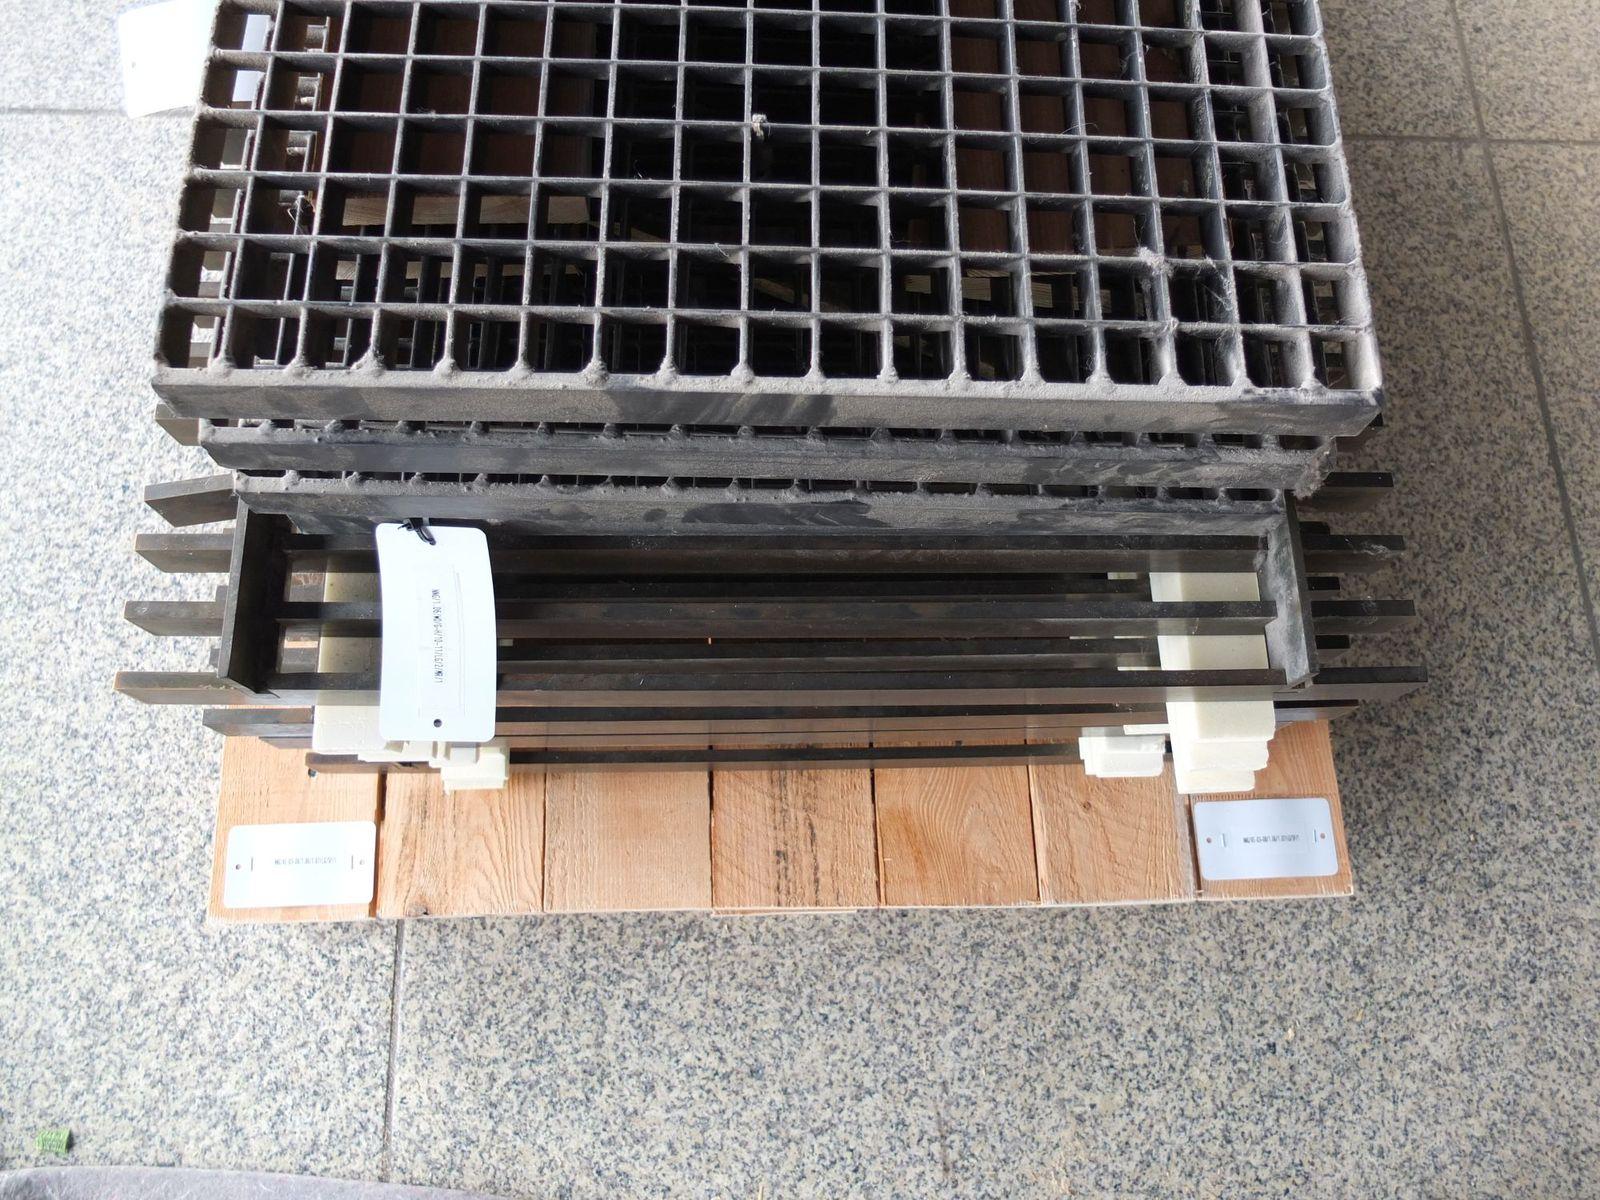 Ausgebaute Gitter mit Inventarnummern. Foto: schmedding.vonmarlin.